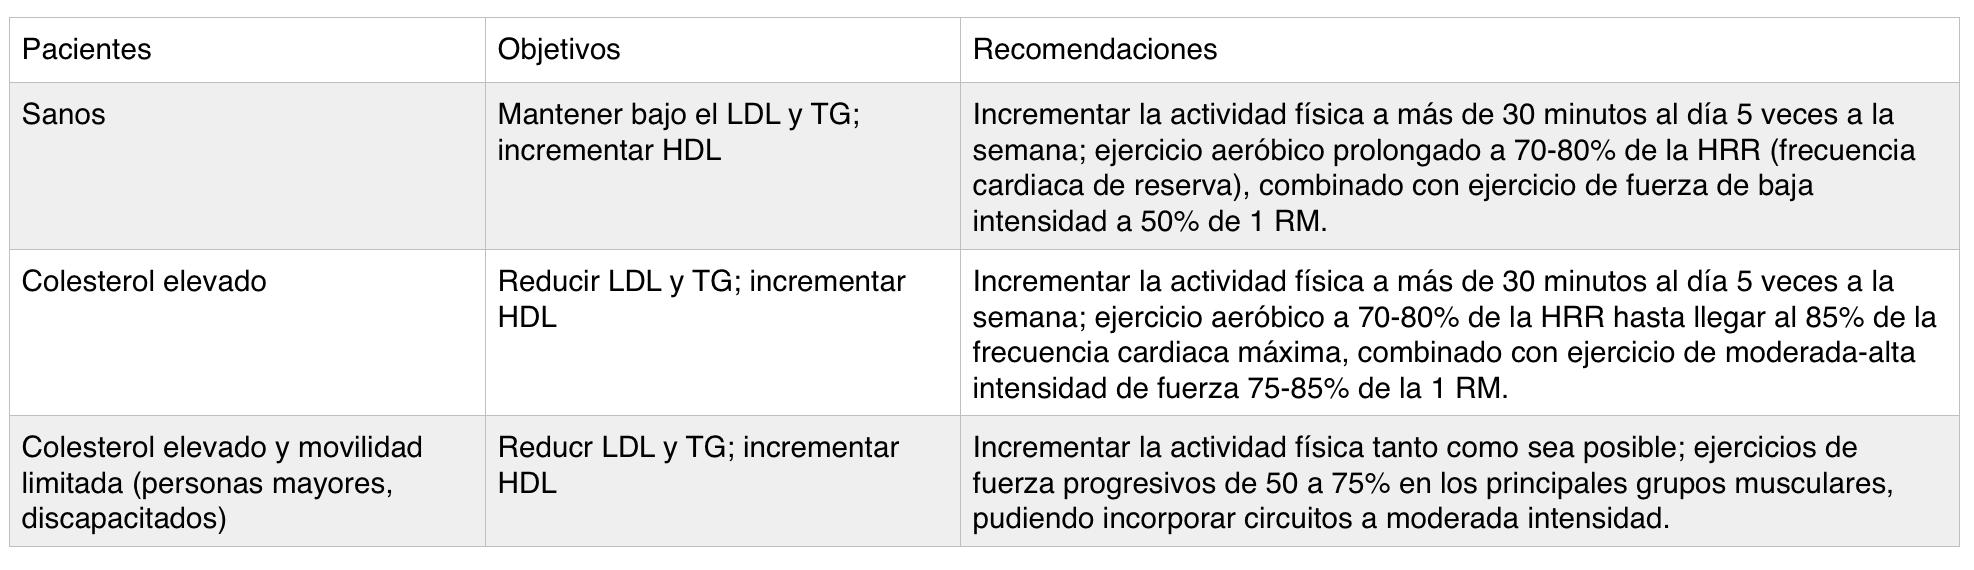 fissac _ recomendaciones ejercicio en personas con colesterol